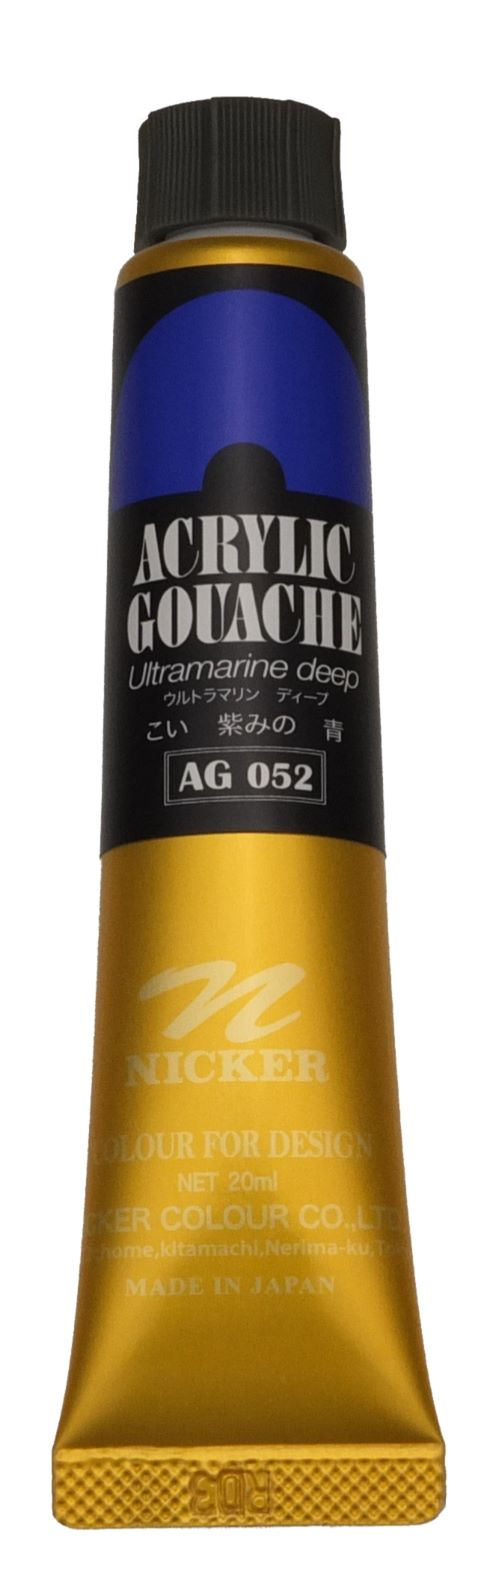 ACRYLIC GOUACHE 20ml AG052 ULTRAMARINE DEEP